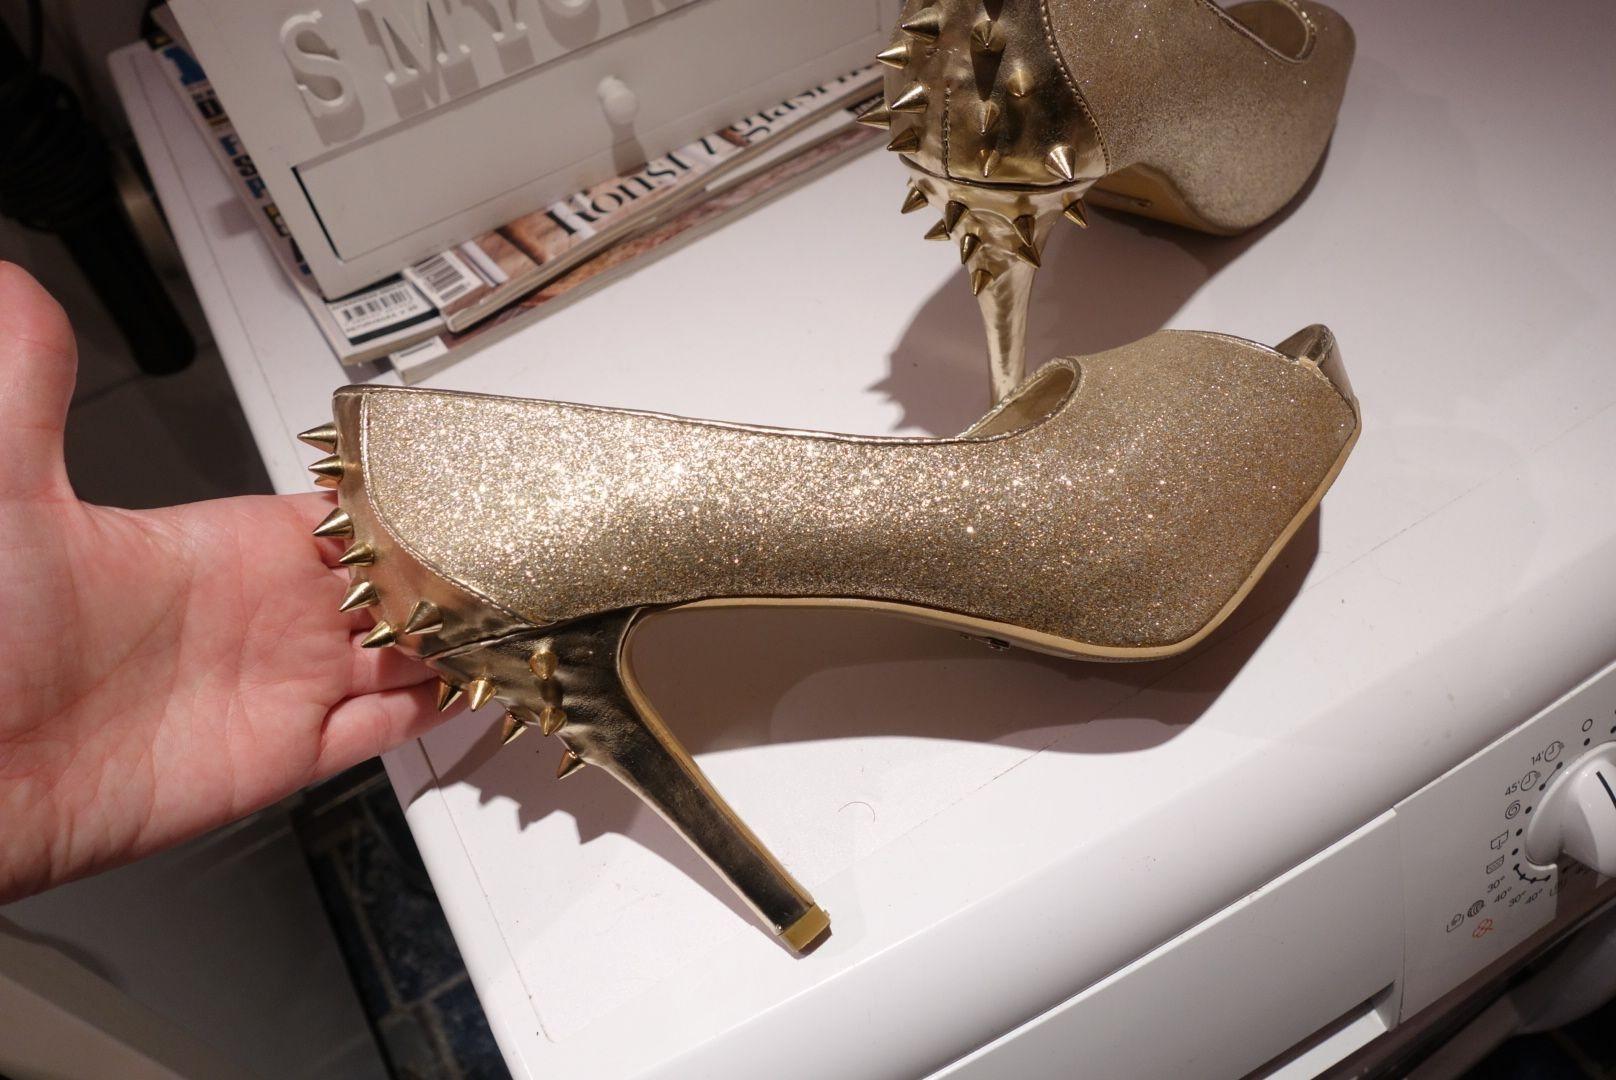 Snygga klackar i guld från NLY Trend (nelly.com) (341288731) ᐈ Köp på  Tradera af4e6931c5f49